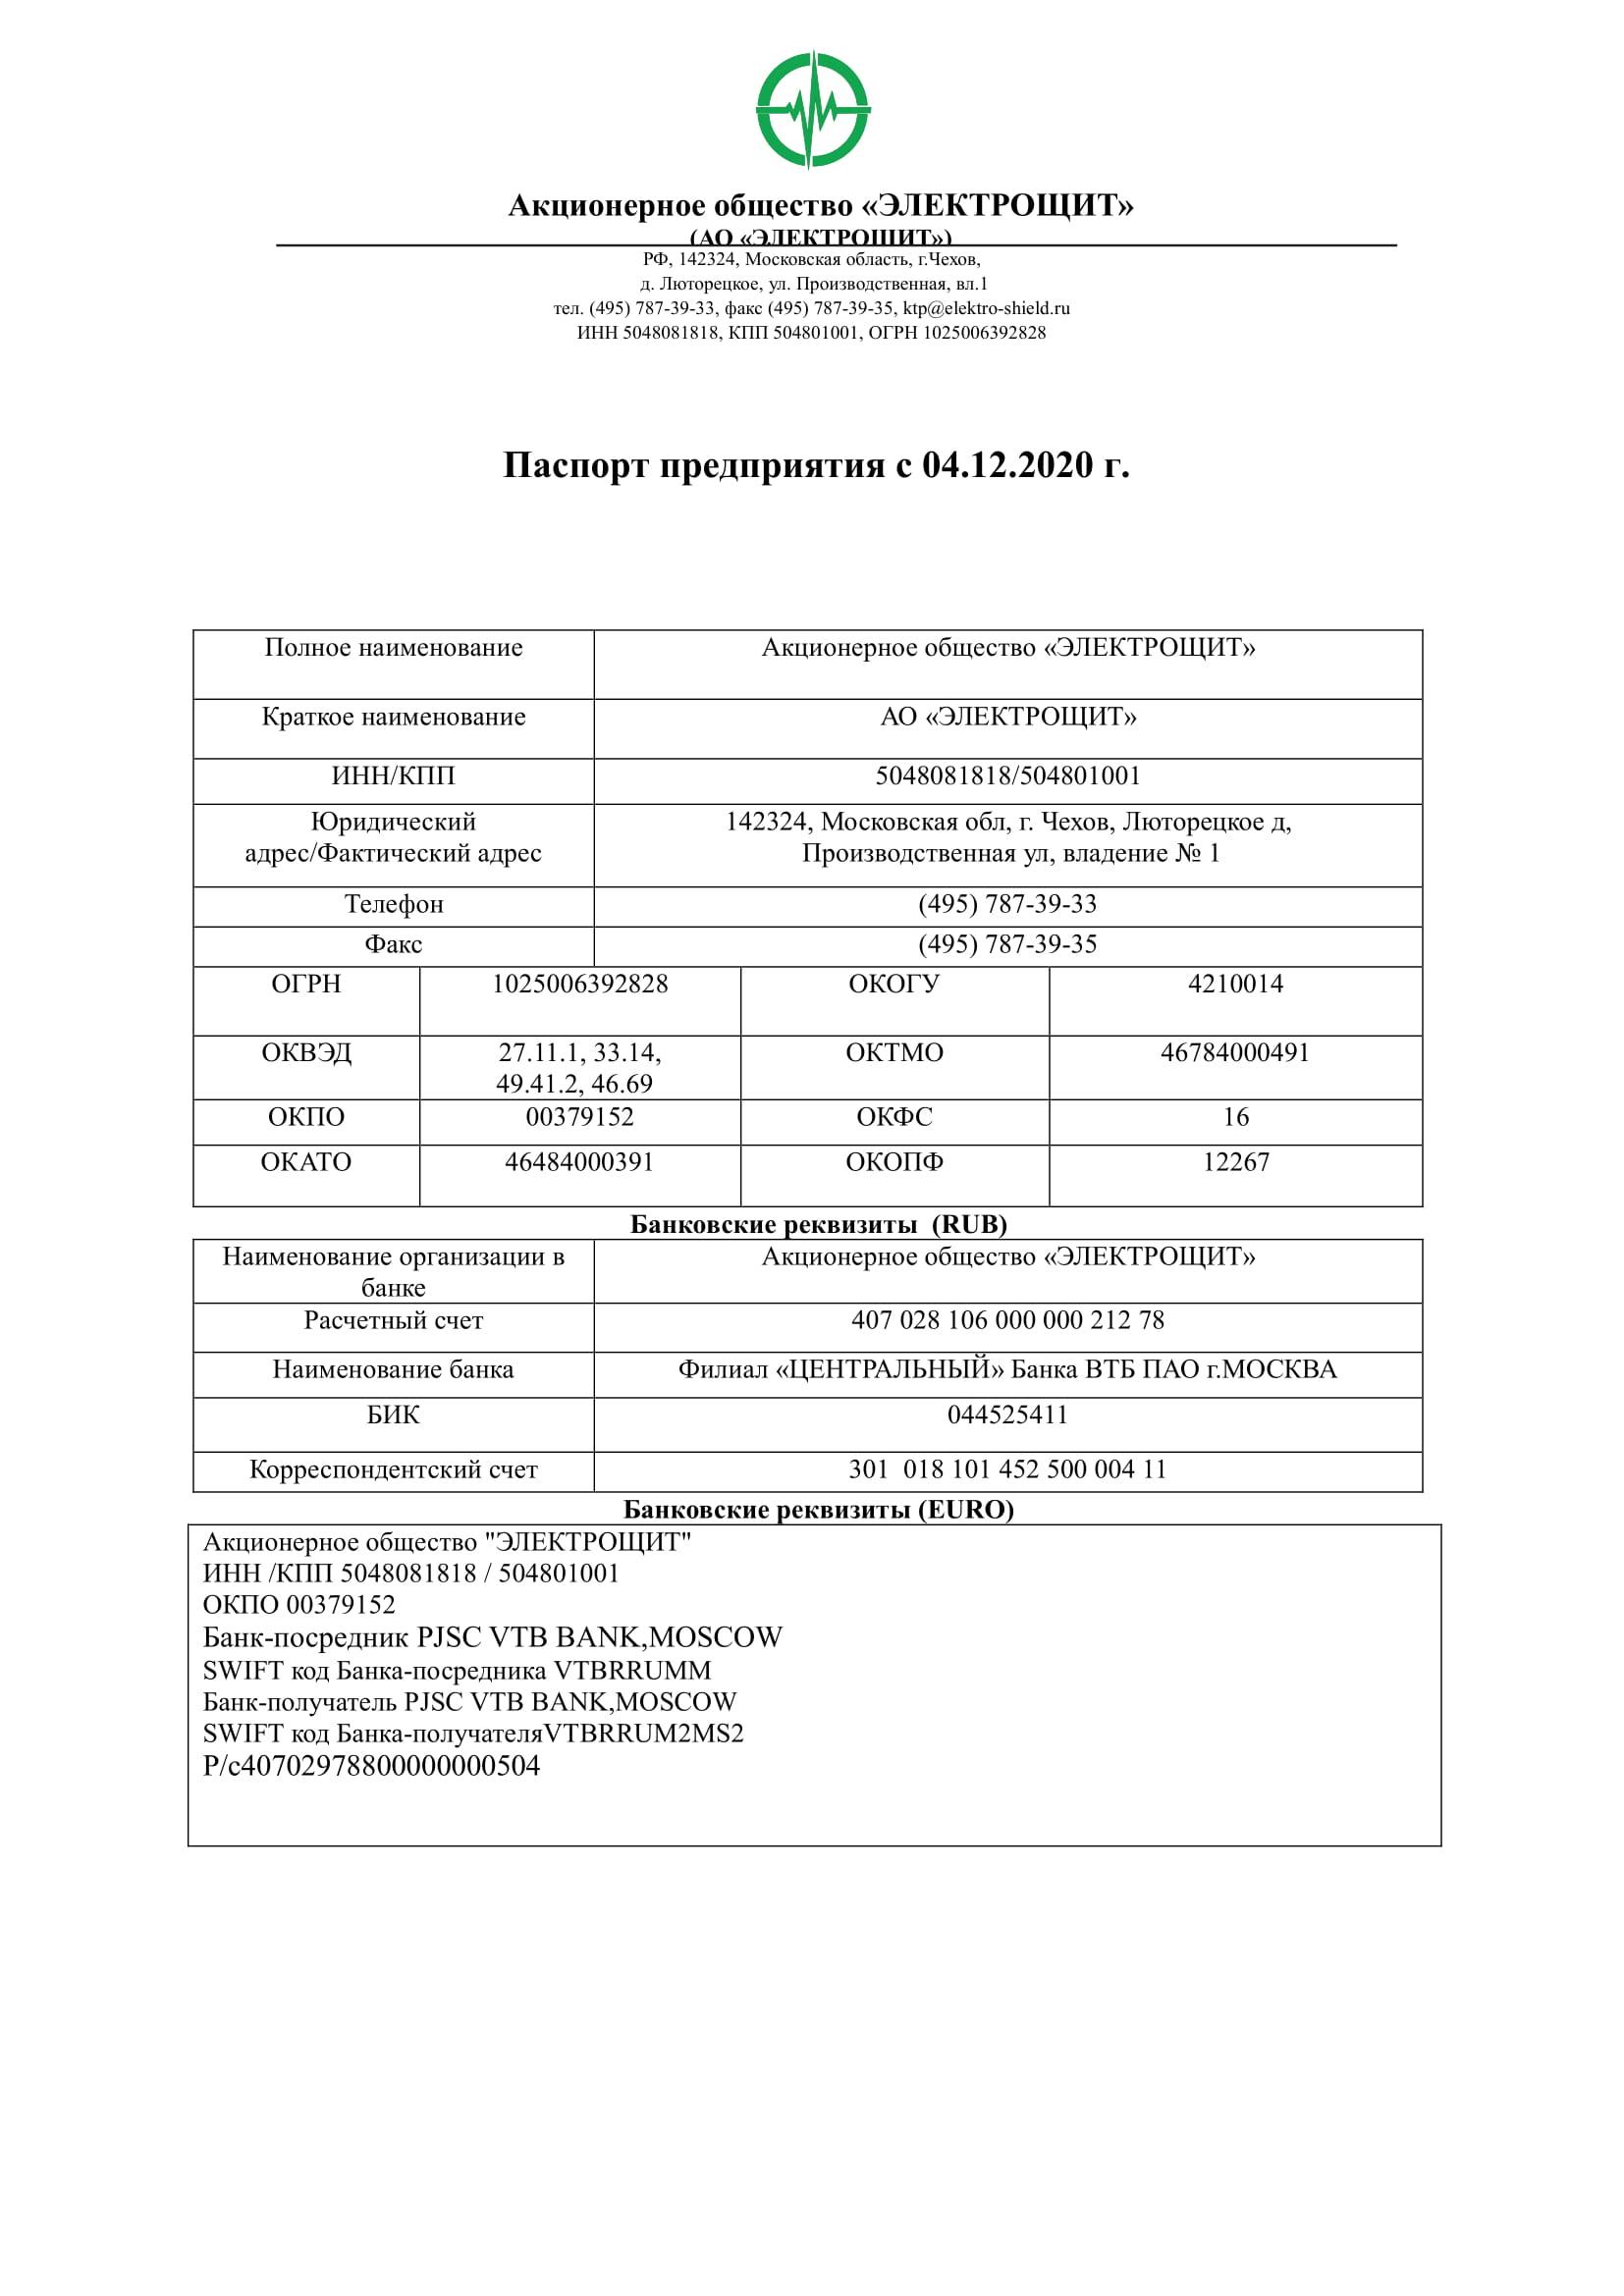 Паспорт предприятия АО Электрощит с 04.12.2020-1